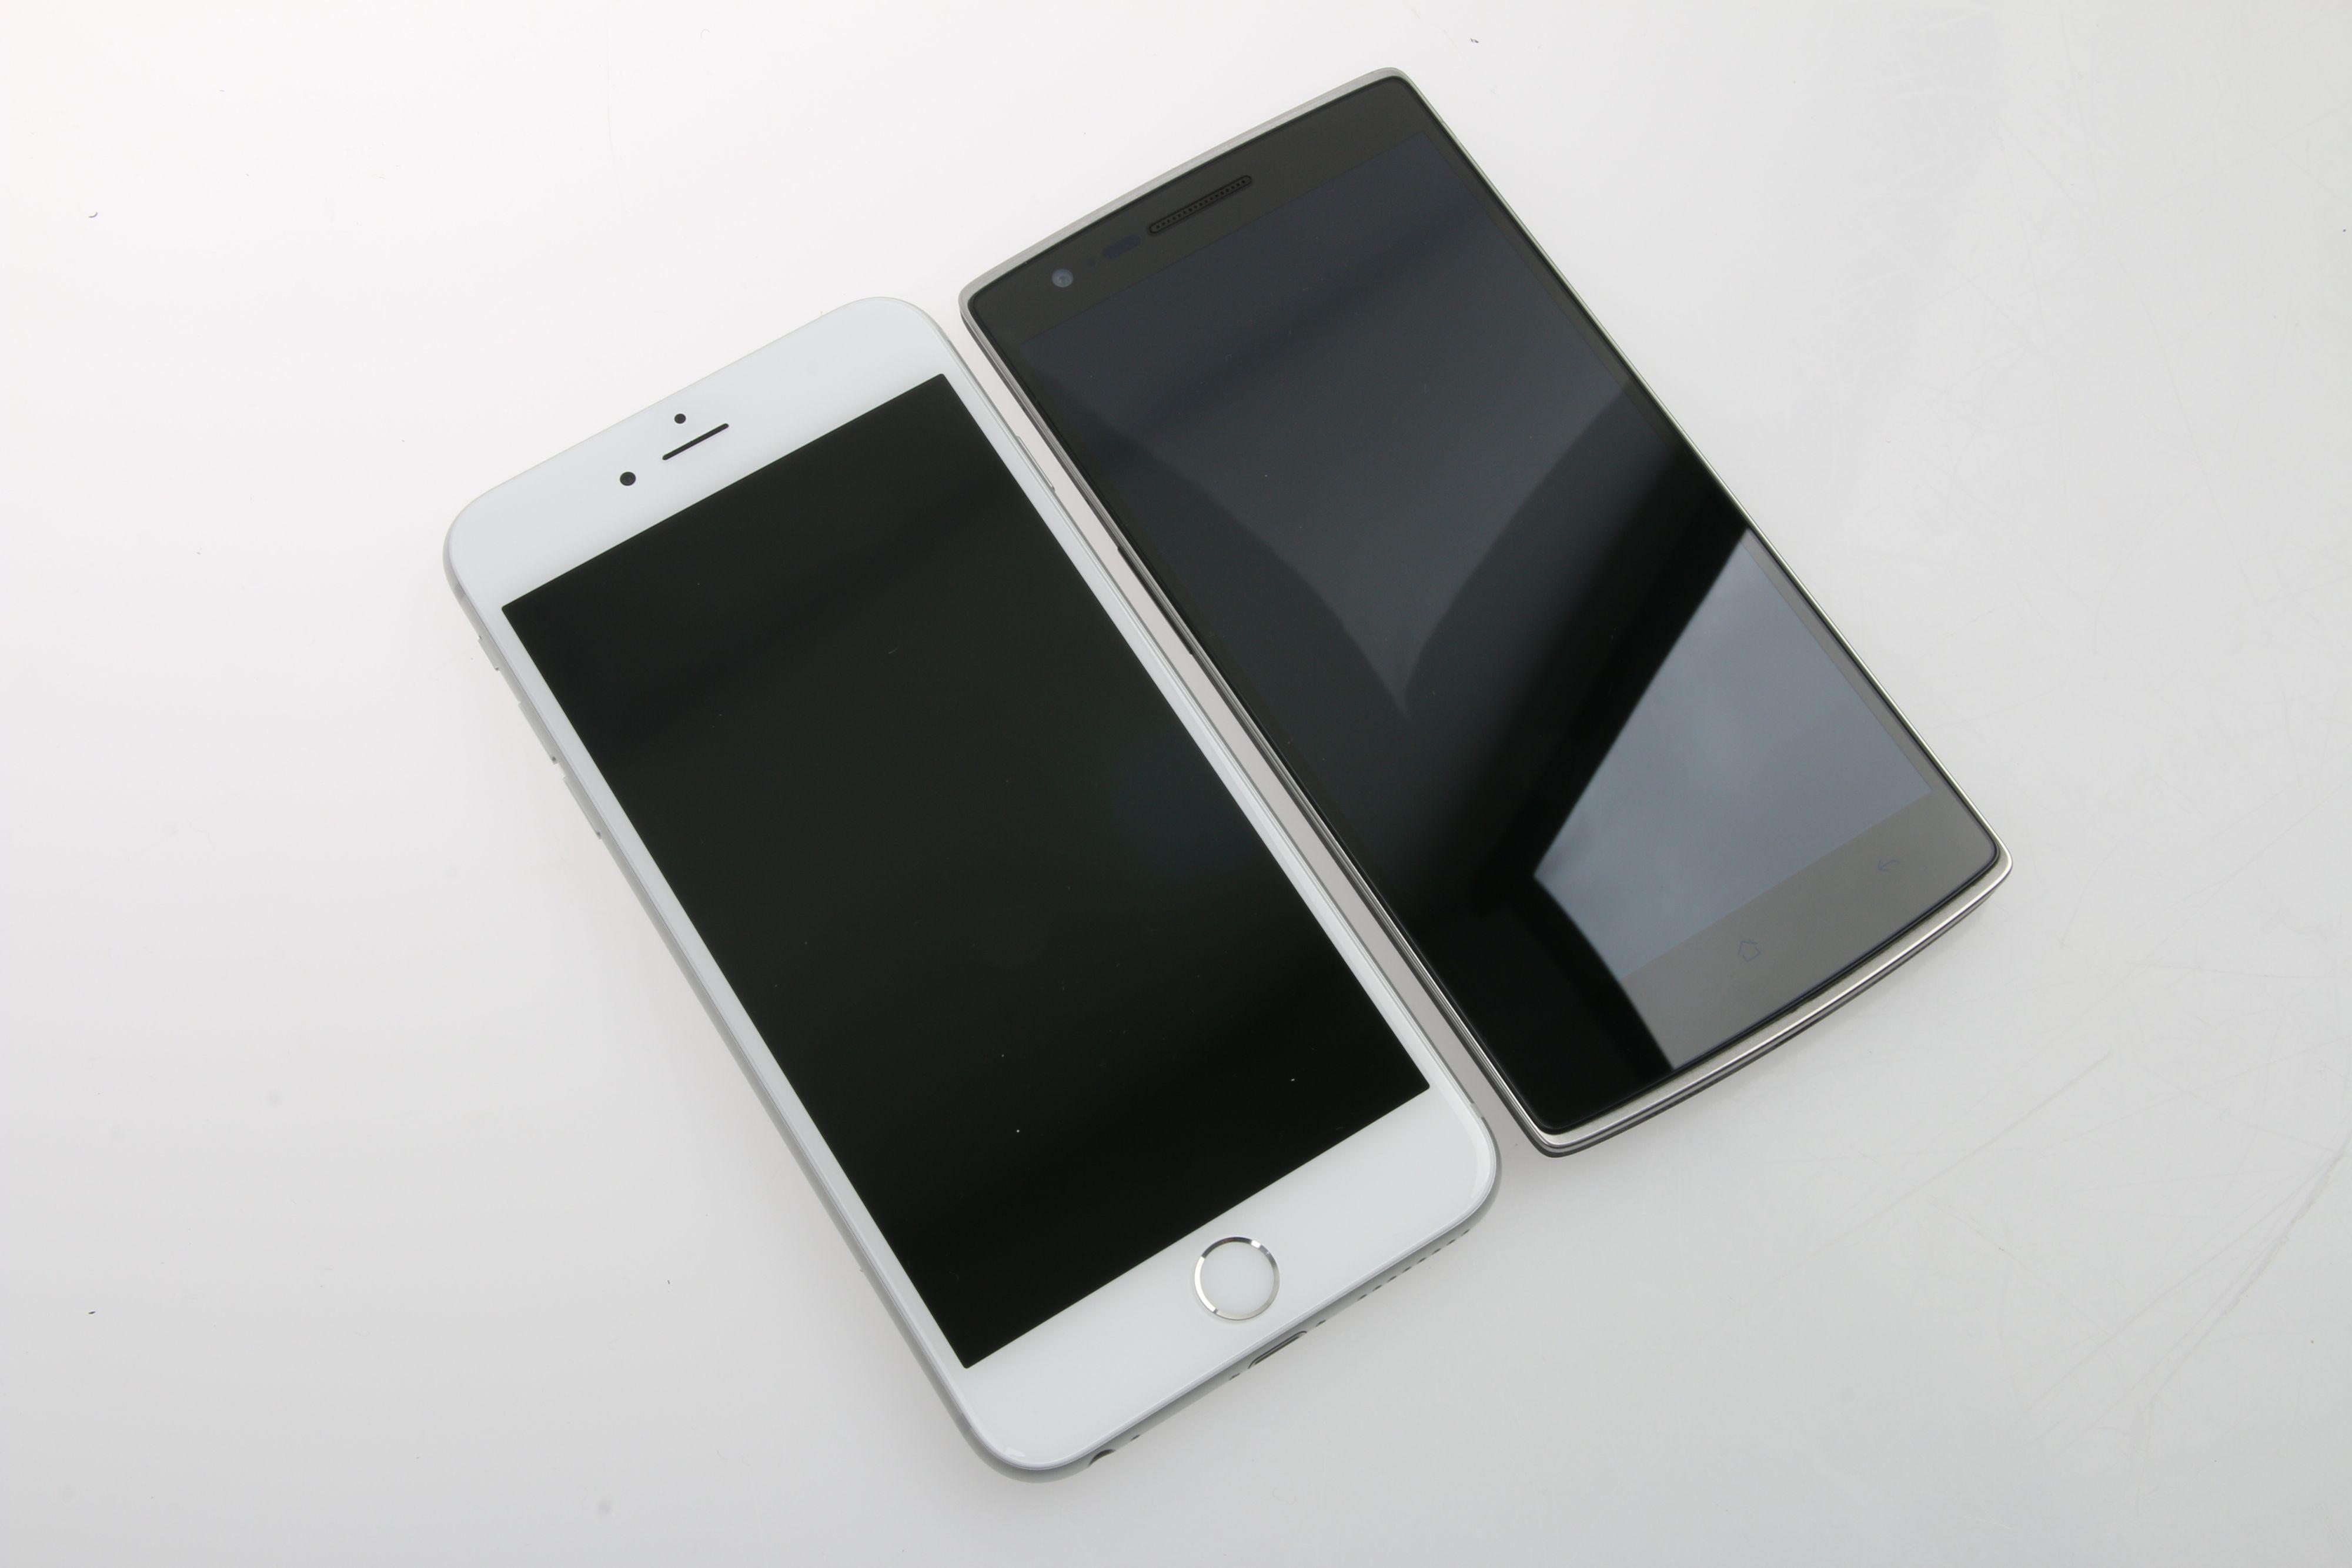 iPhone 6 Plus er noe større enn OnePlus One. 6 Plus måler 158,1 x 77,8 x 7,1 millimeter (høyde, bredde og tykkelse), mens OnePlus One på sin side er 152,9 x 75,9 x 8,9 mm. Ser vi på vekten veier iPhone 6 Plus 172 gram, mens vektnålen stopper ved 162 gram på OnePlus One.